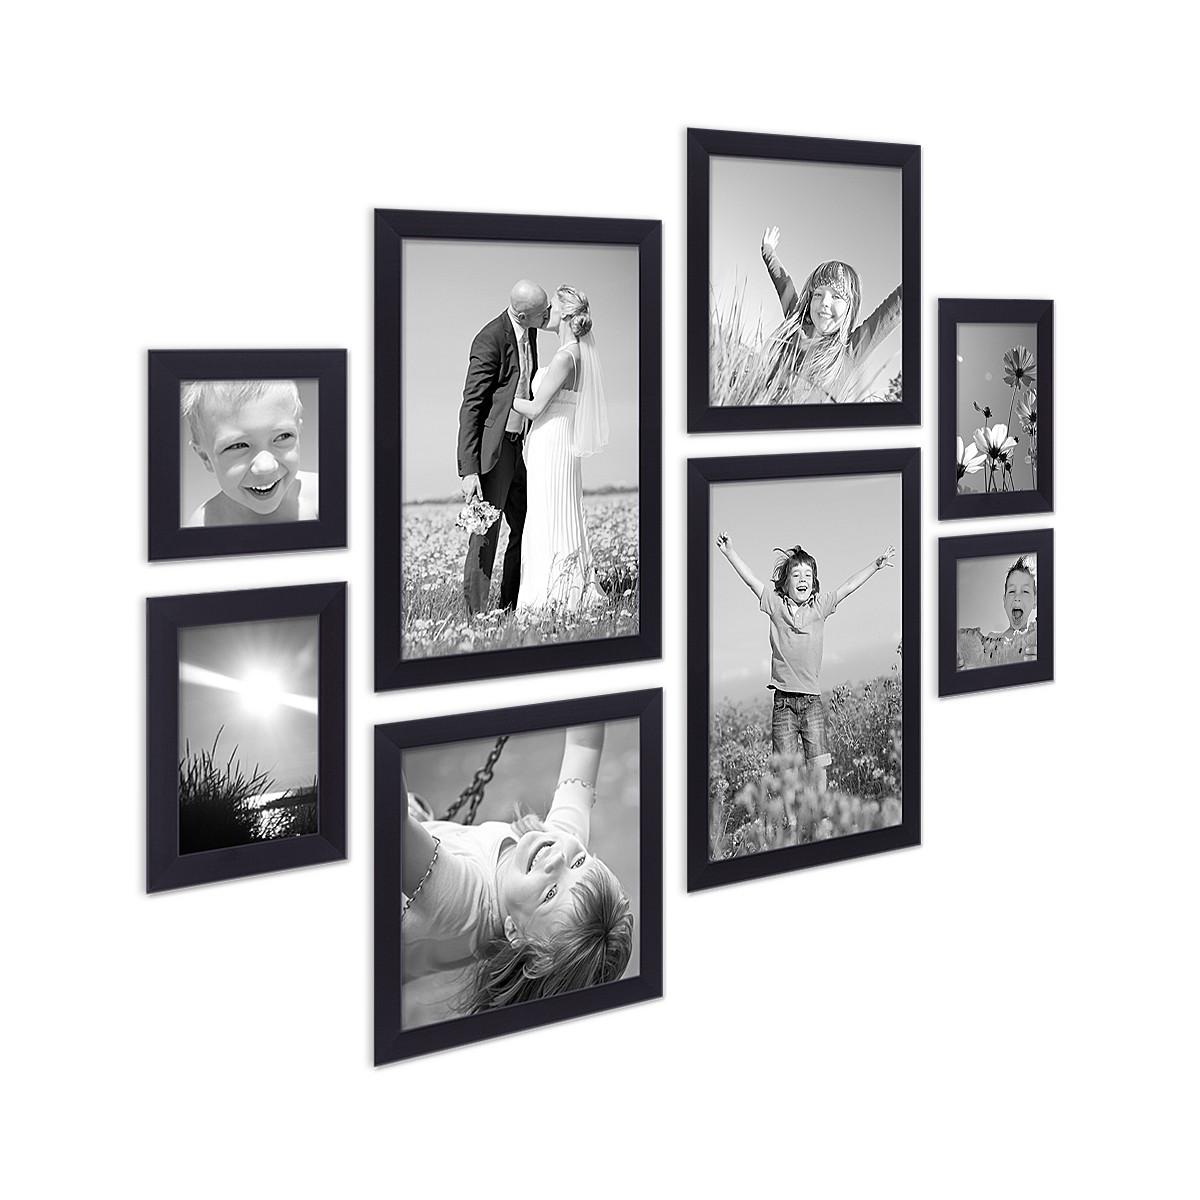 8er set bilderrahmen schwarz modern aus mdf je 2 mal 10x10. Black Bedroom Furniture Sets. Home Design Ideas